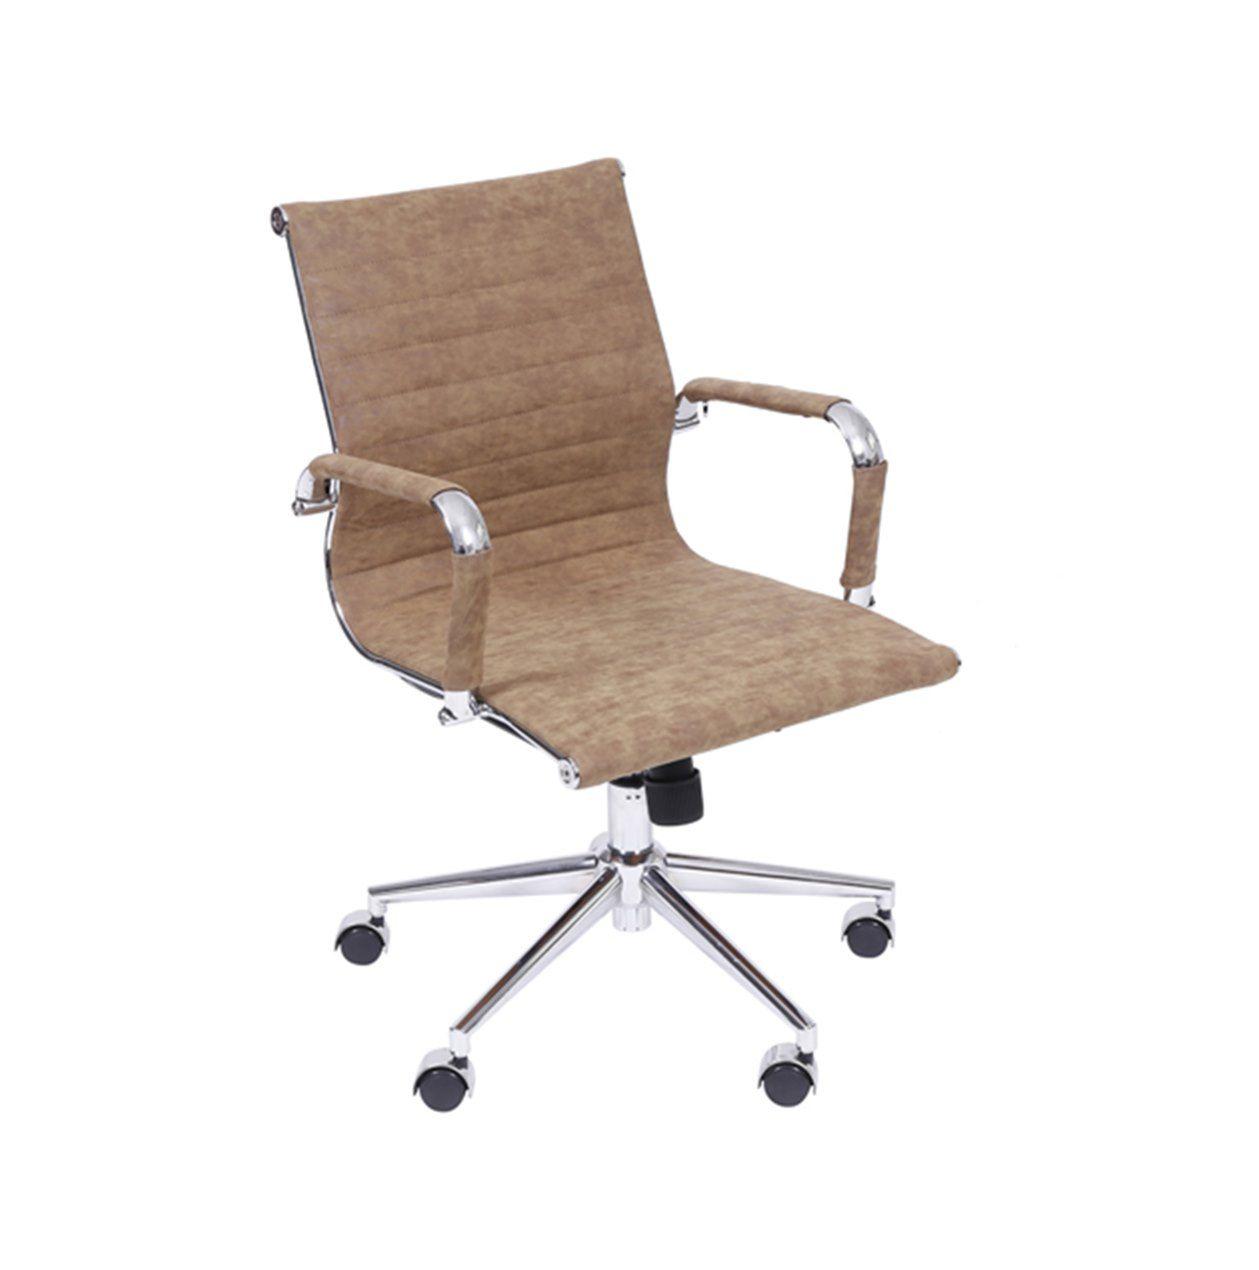 Cadeira Charles Eames Office Esteirinha Tecido Baixa